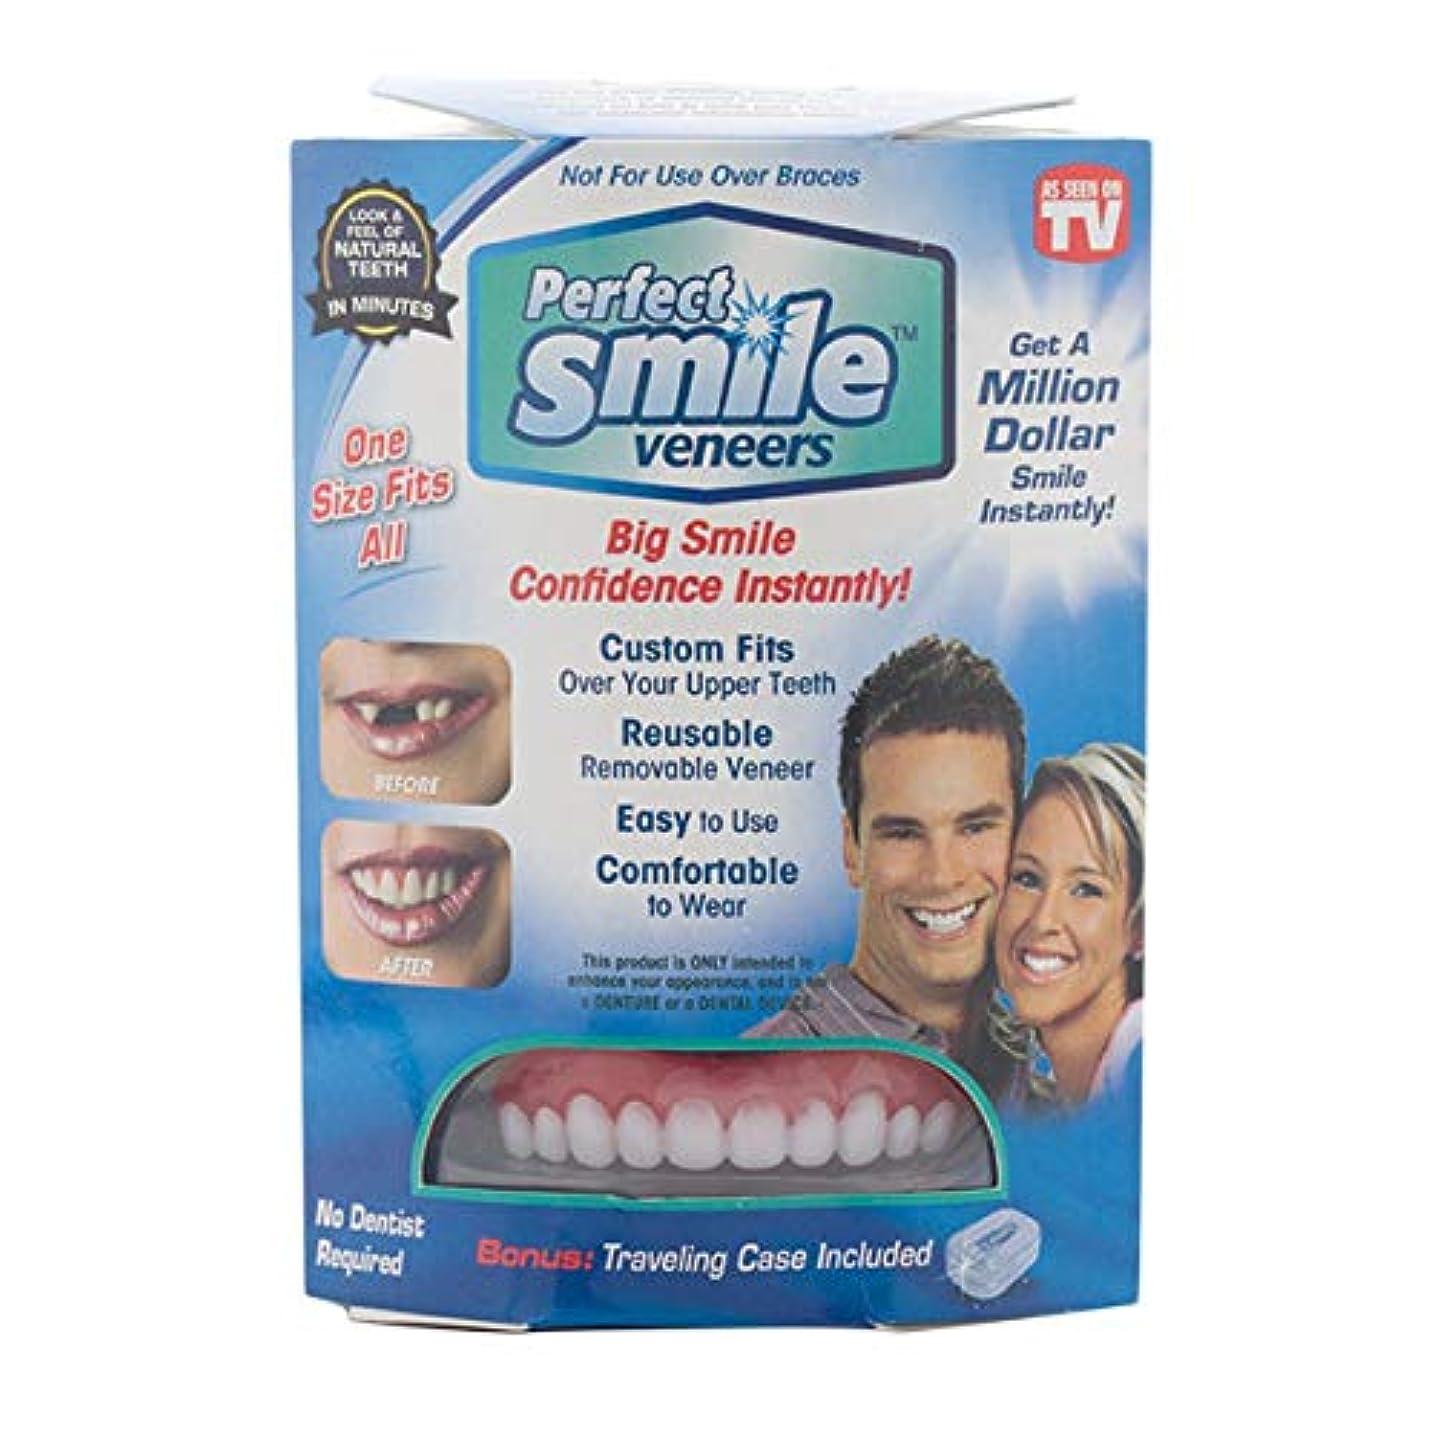 尋ねるどう?ガス完璧なインスタントスマイルコンフォートフレックス歯ホワイトニング入れ歯ペースト偽歯アッパー化粧品突き板歯カバー美容ツール - ホワイト&レッド